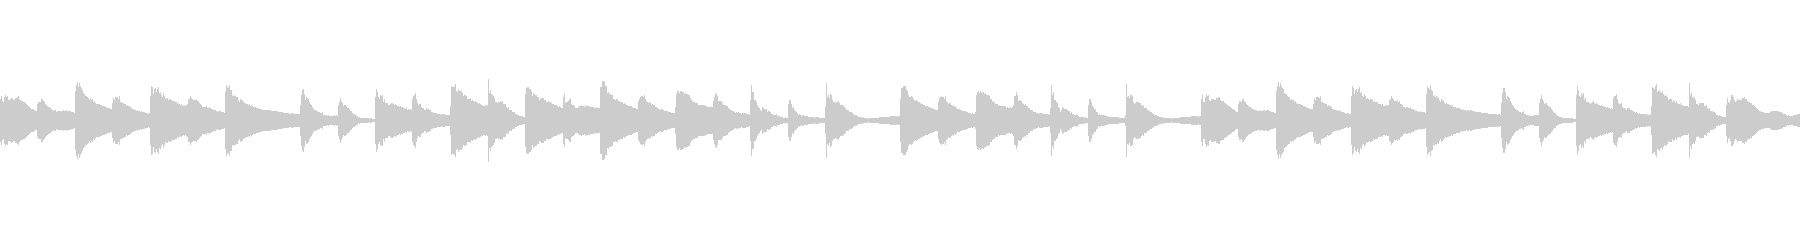 伝統的な童ryの童version ...の未再生の波形